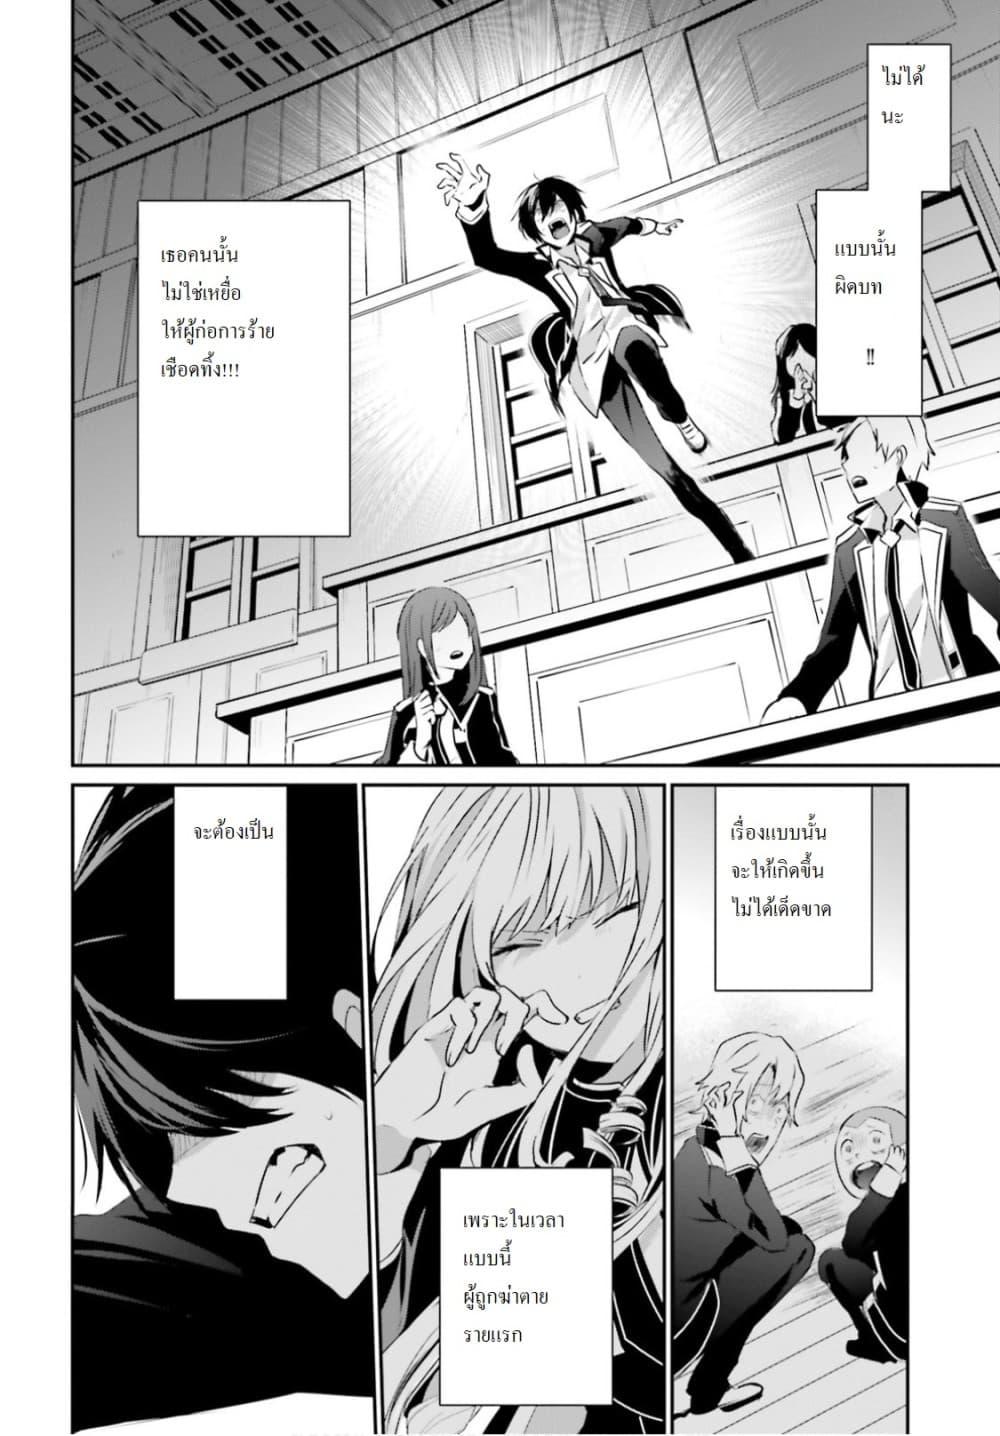 อ่านการ์ตูน Kage no Jitsuryokusha ni Naritakute! ตอนที่ 10.1 หน้าที่ 6